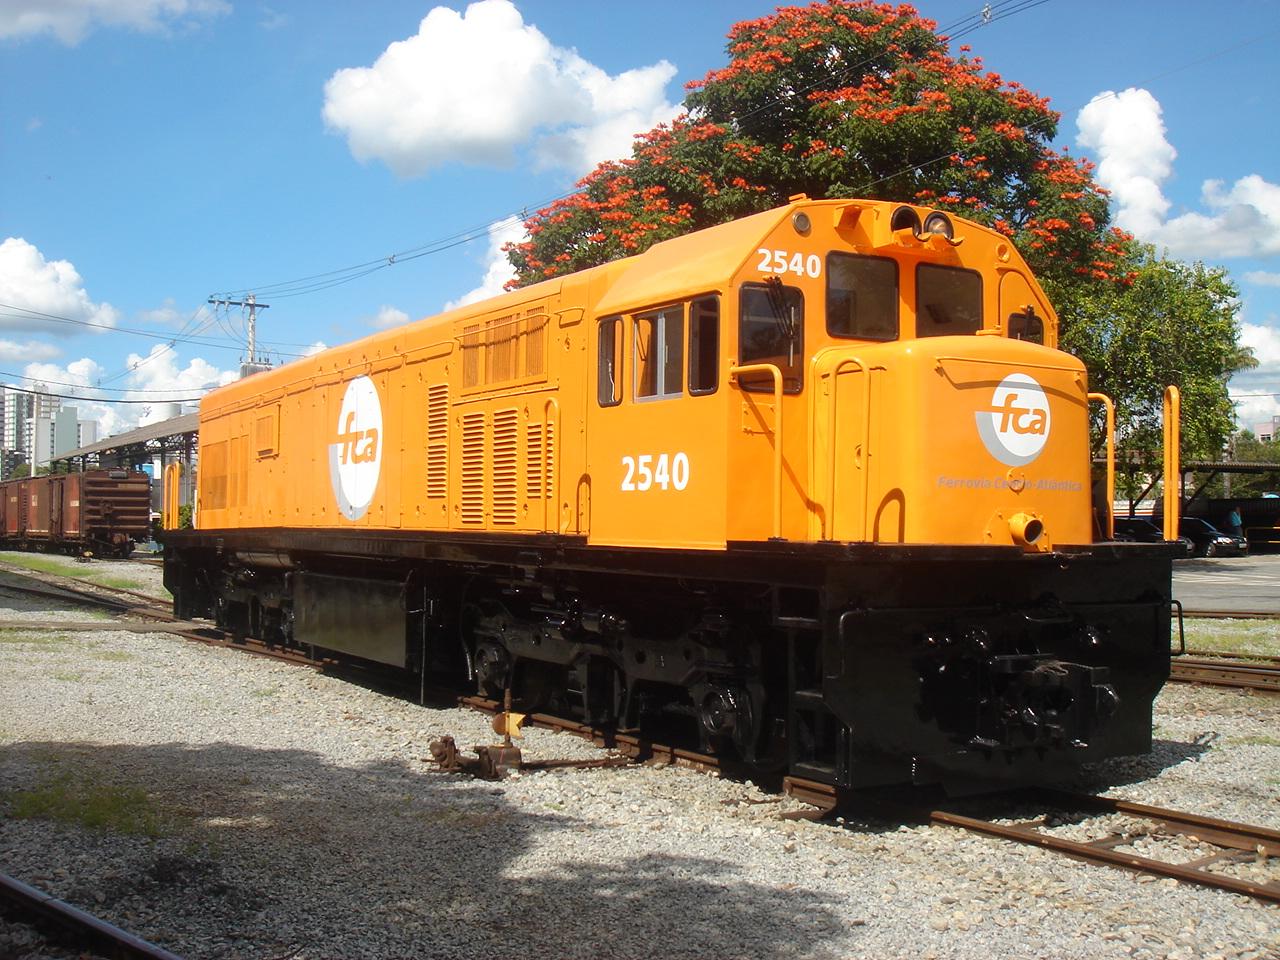 Fases de pintura de locomotivas Locomotiva_FCA